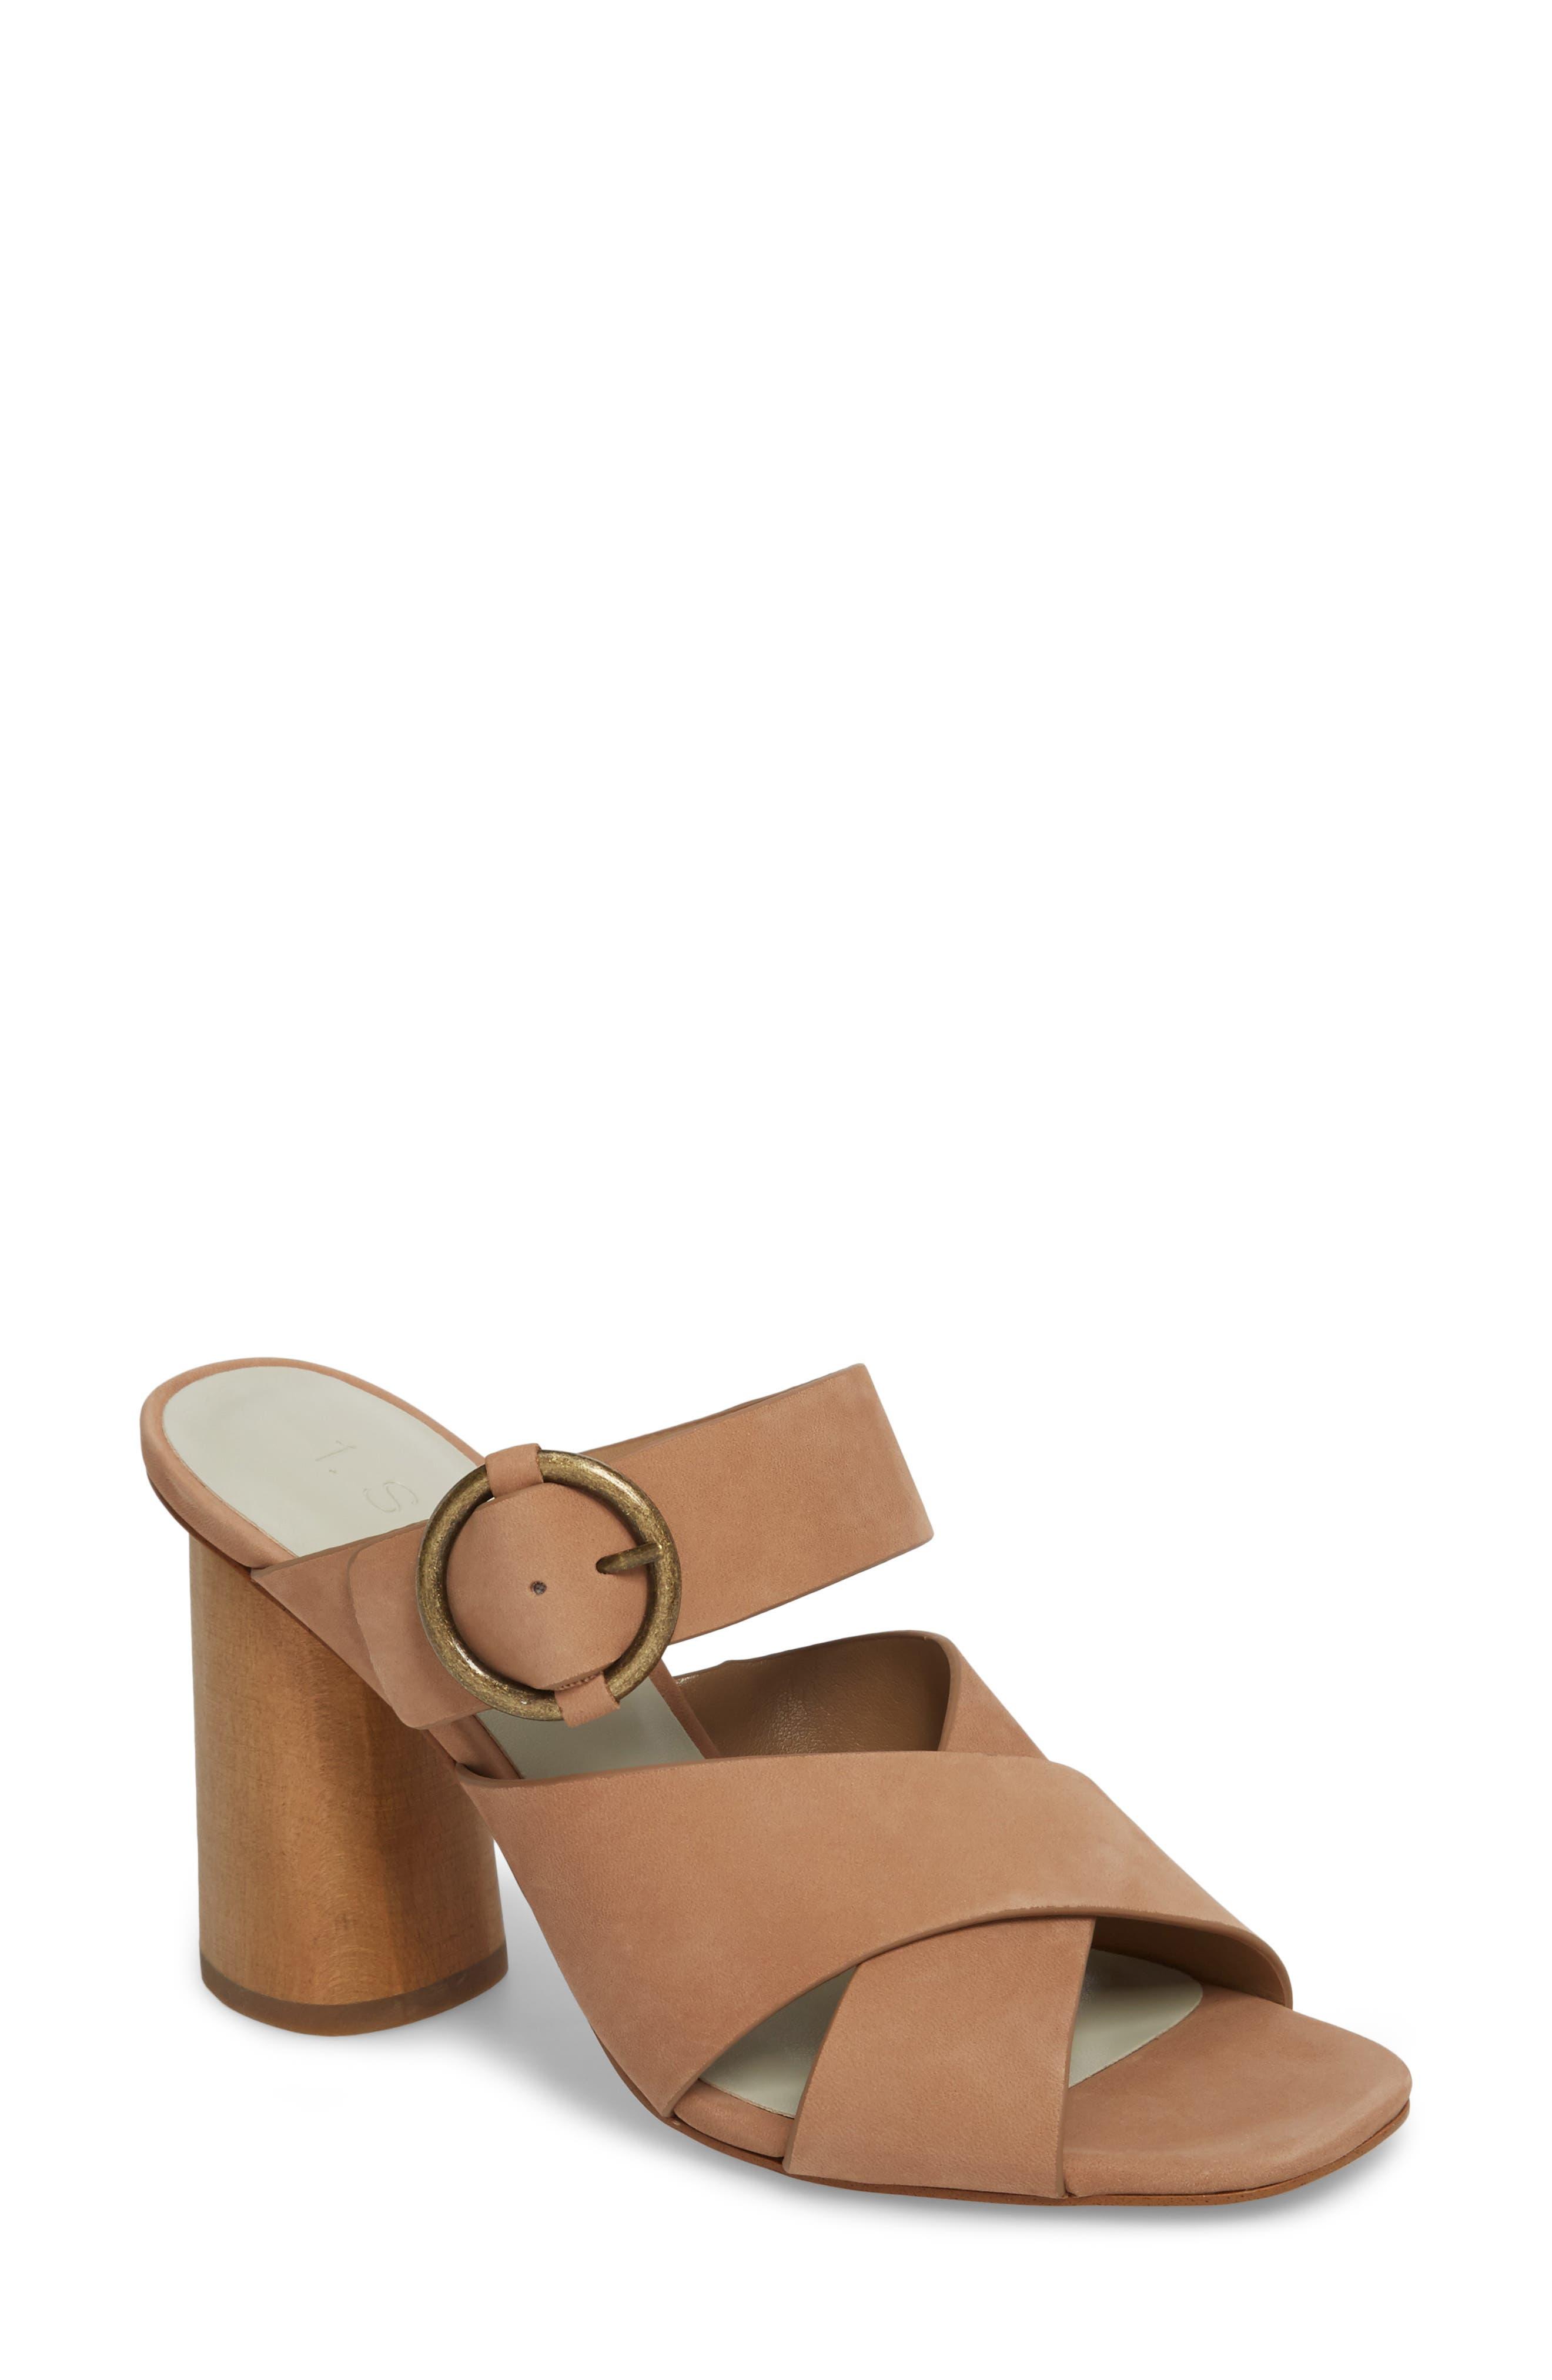 Icendra Flared Heel Mule Sandal,                         Main,                         color, Teak Leather